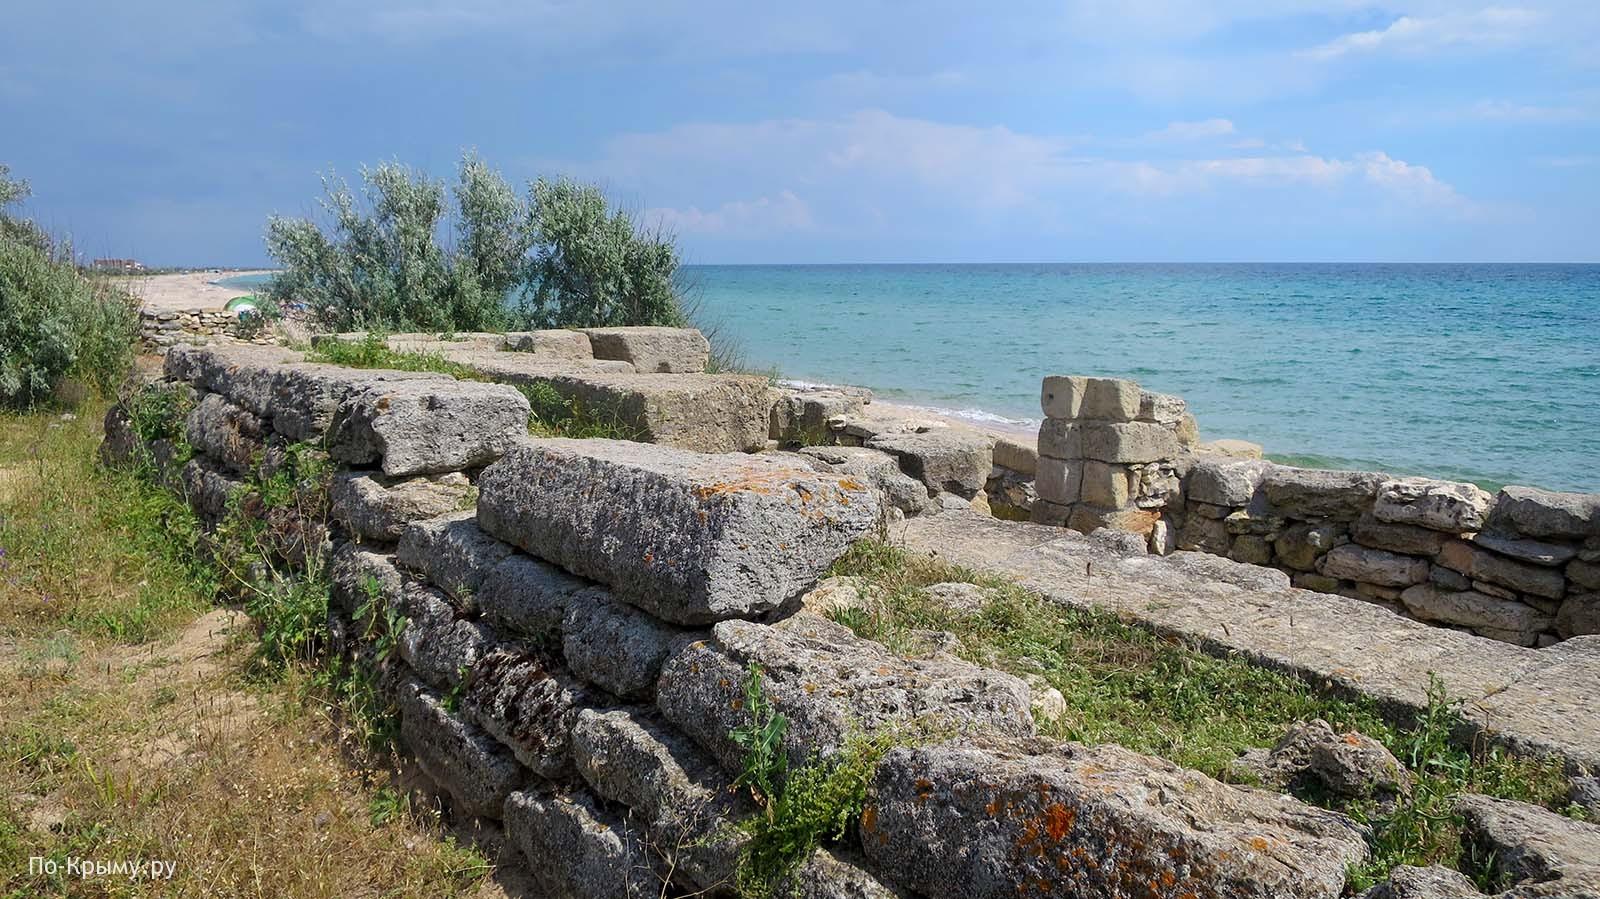 Греко-скифское поселение Беляус, антитаранный пояс